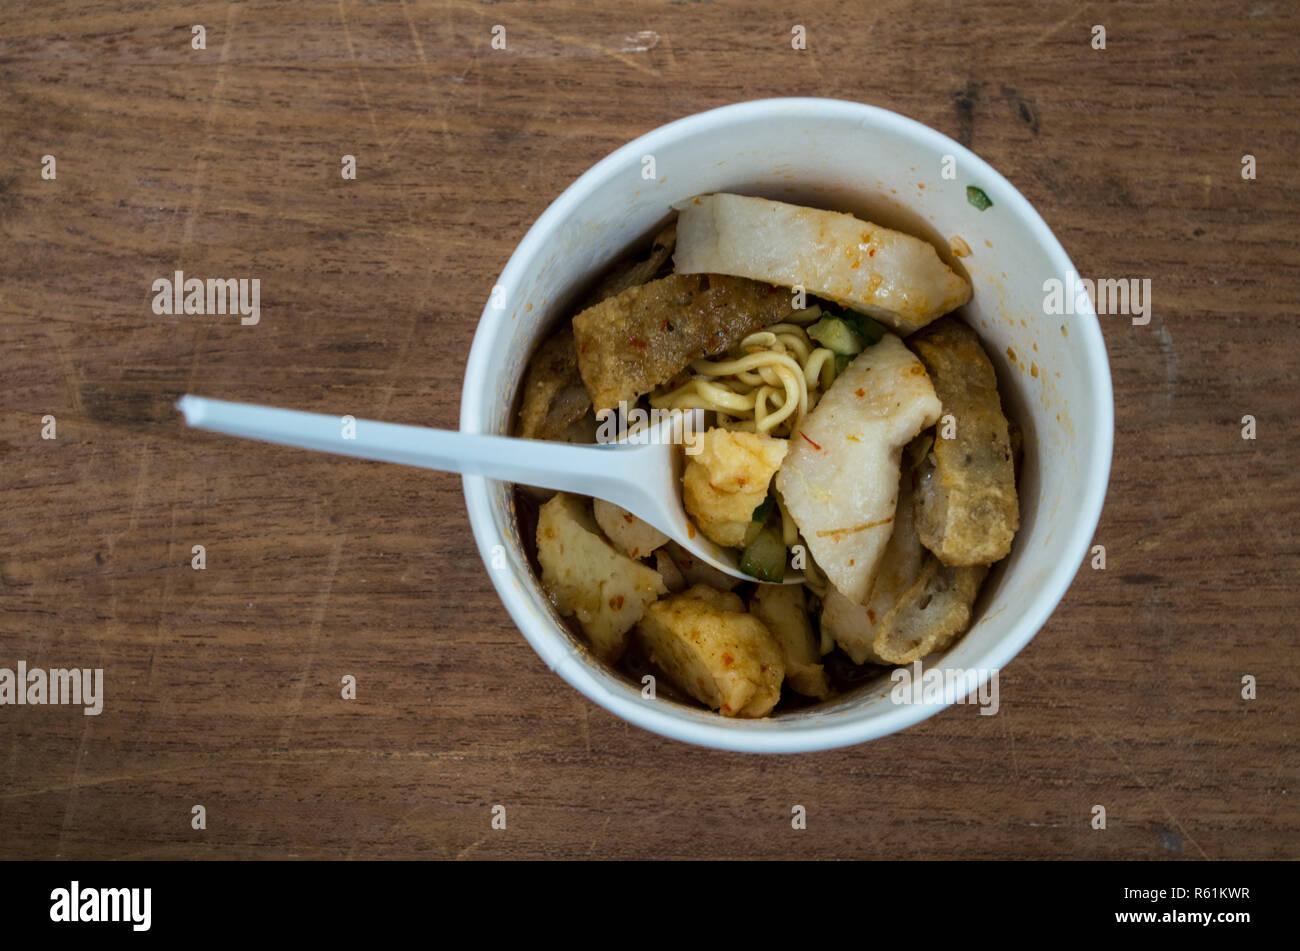 Pempek Palembang - fishcake delicacy from Palembang, Sumatra, Indonesia - with spoon - Stock Image